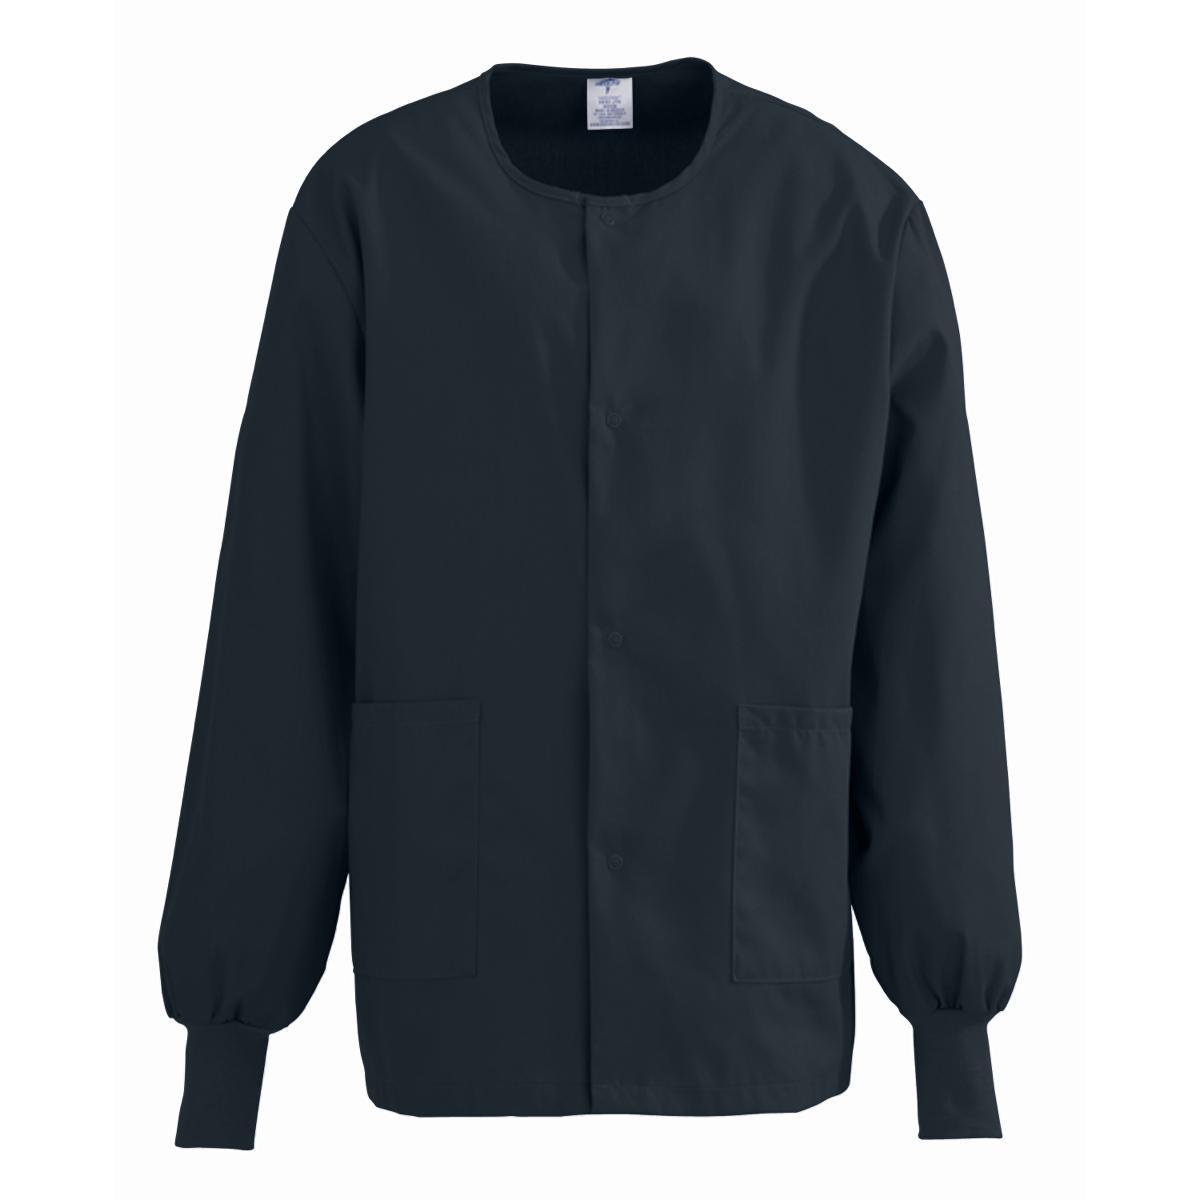 Comfortease Unisex Crew Neck Warm-up Jacket